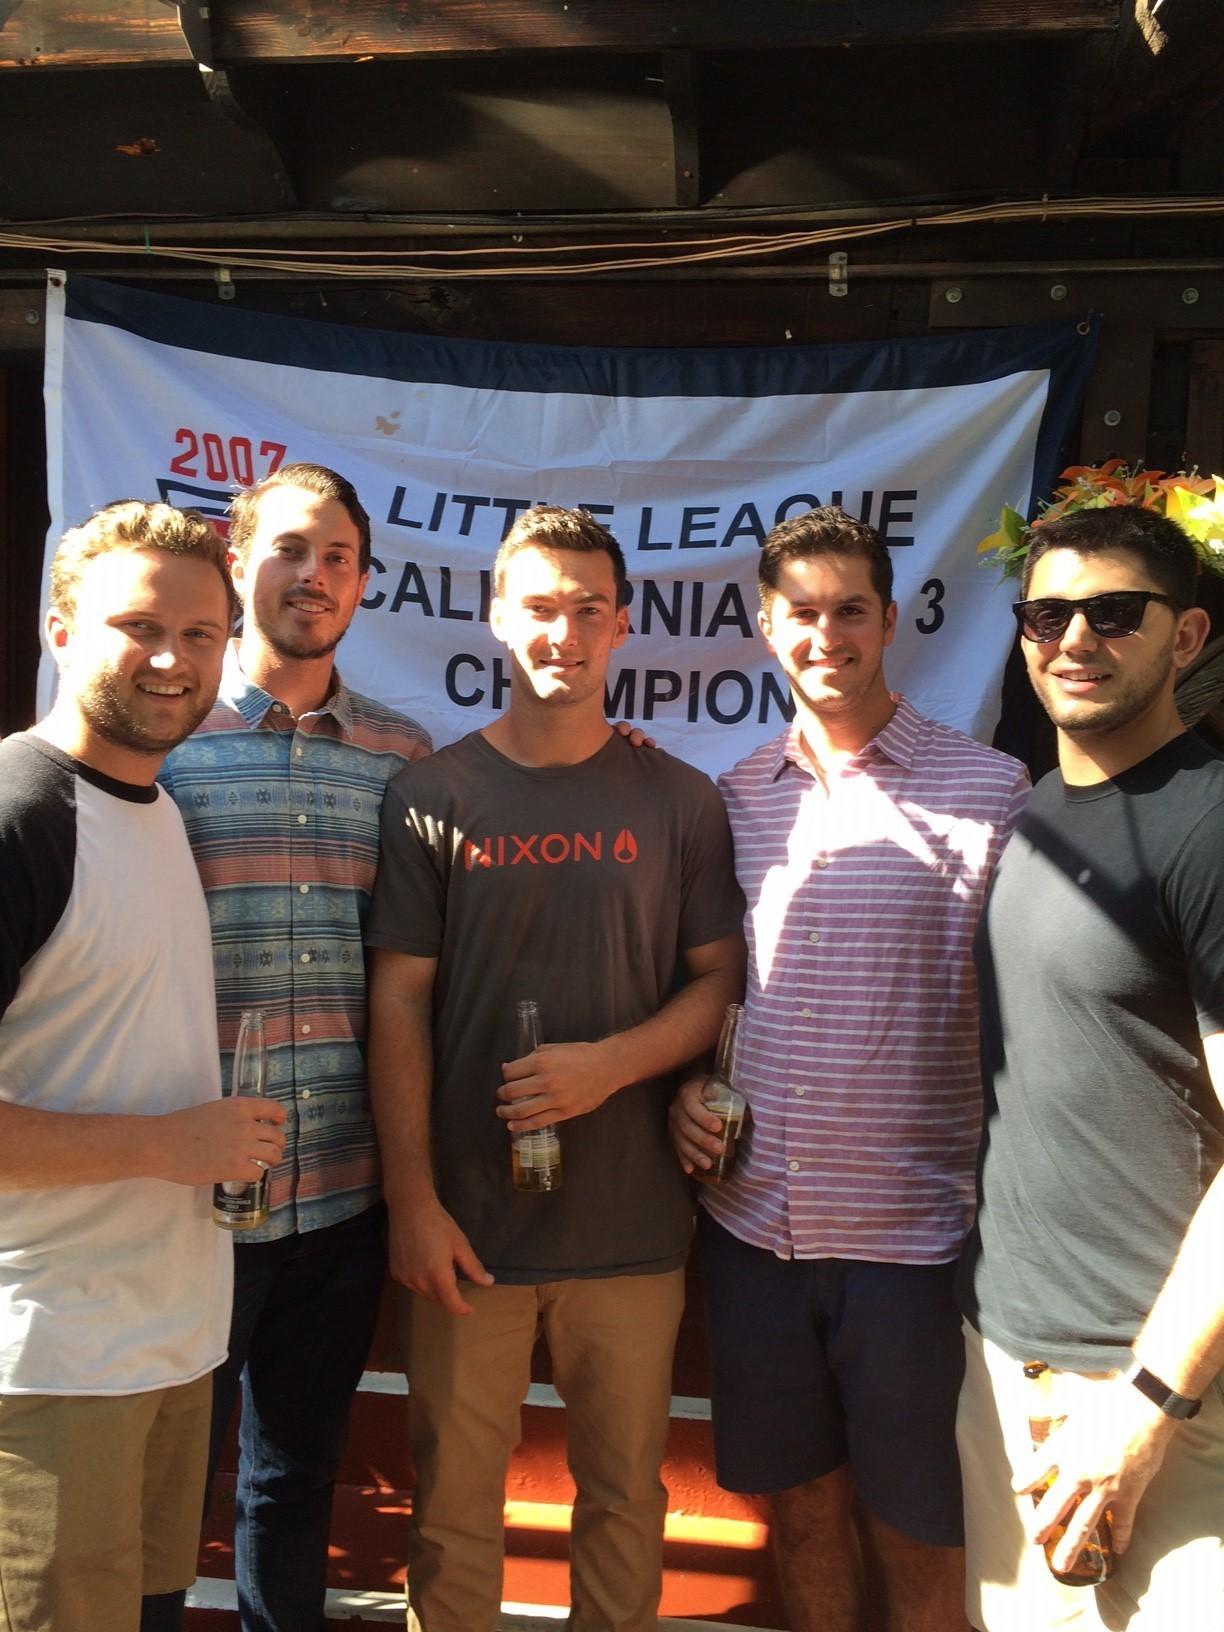 (L-r) Chad Thurston, Daniel Reitzler, Hayden Grant, Evan Schreiber, Trevor Semerdjian